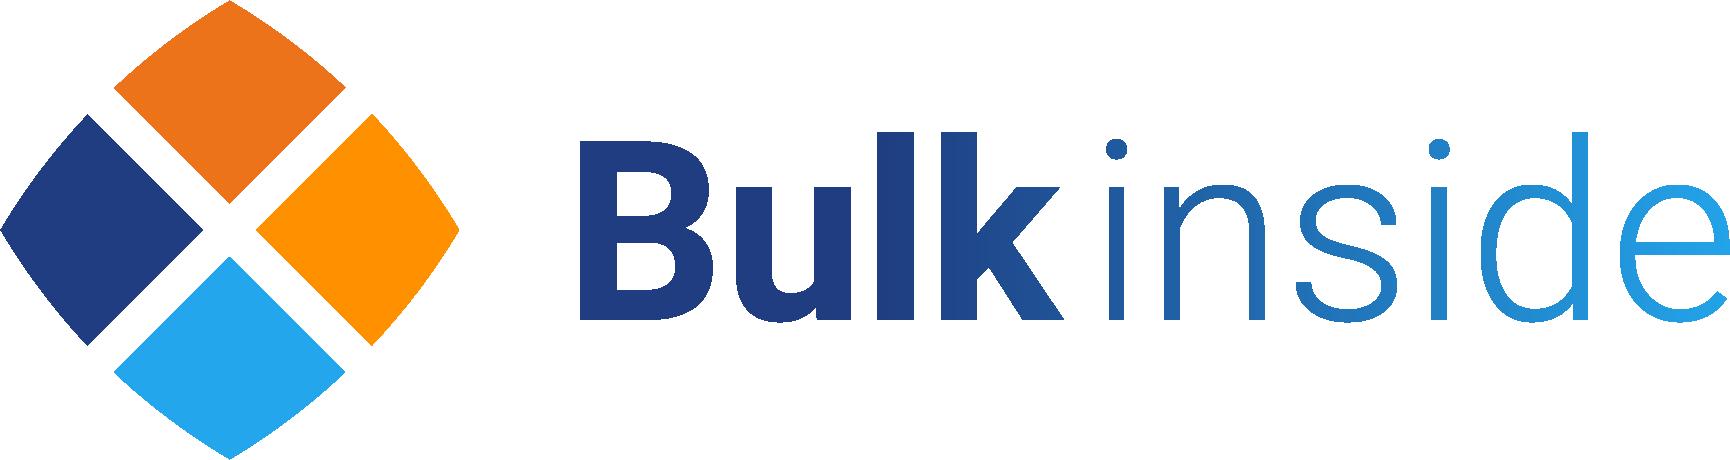 BulkInside logo